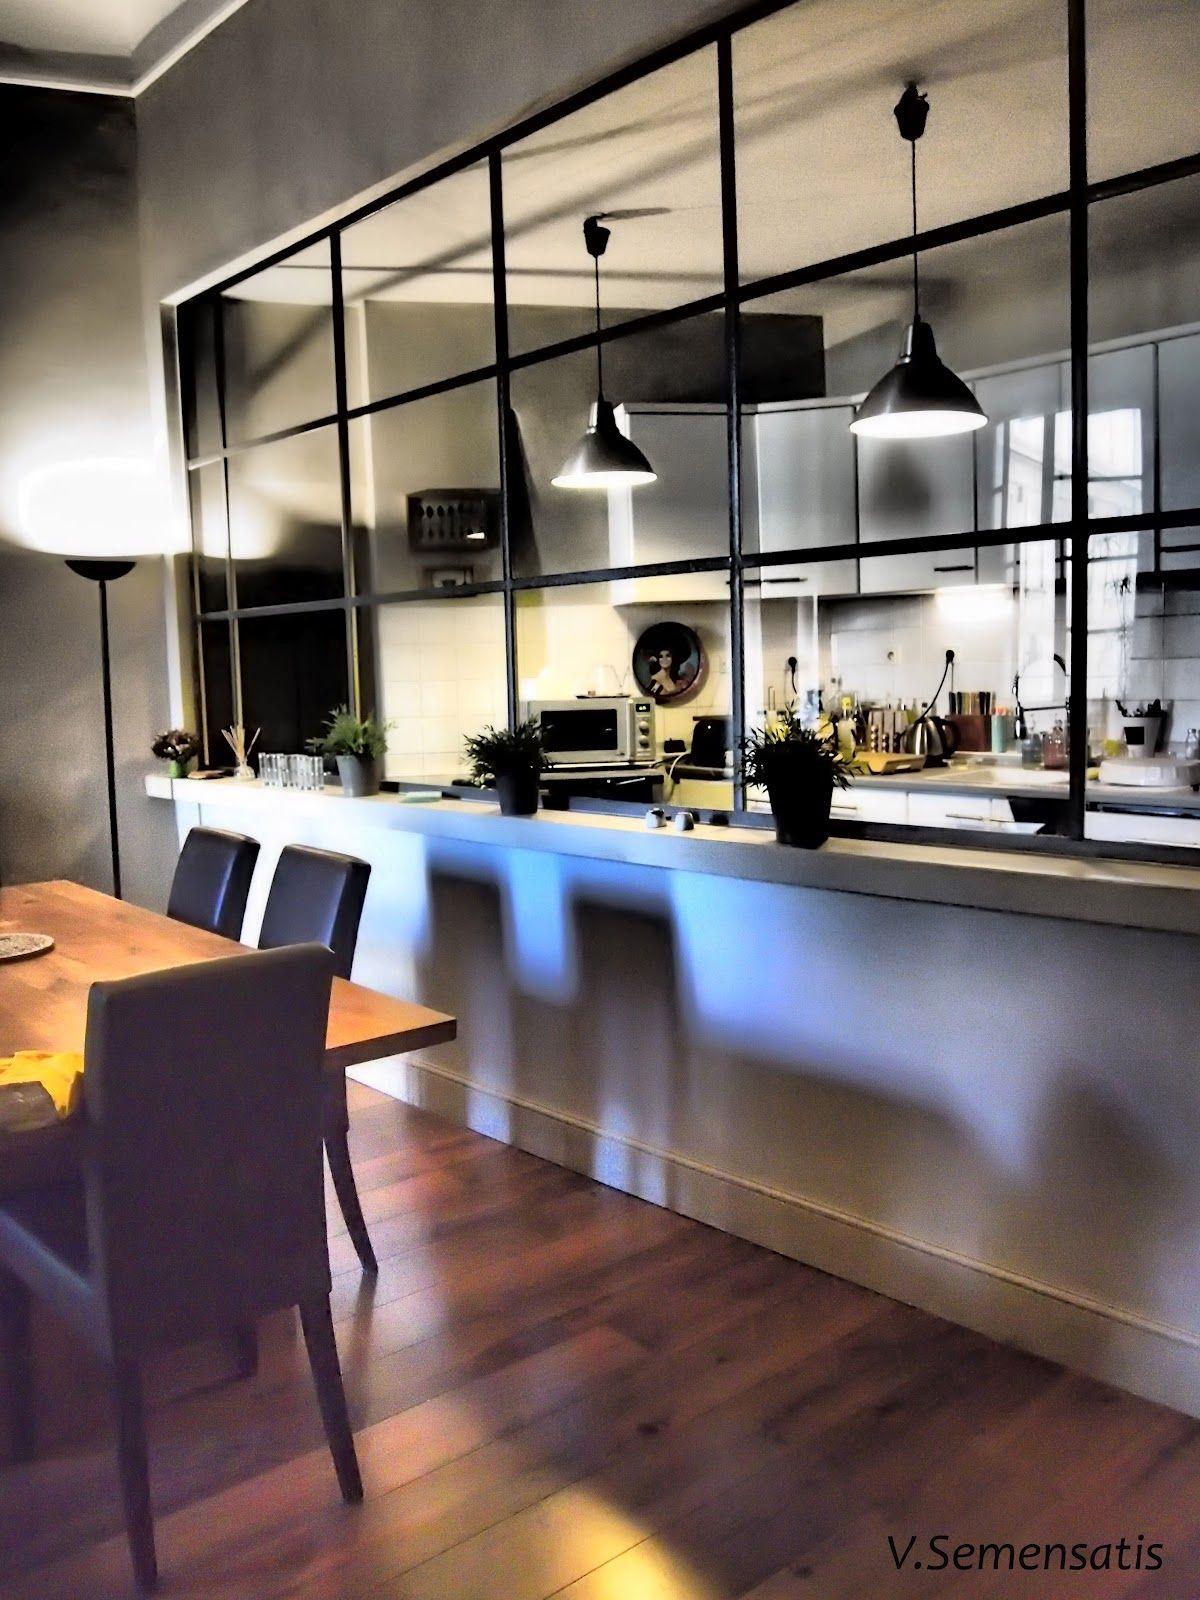 Blog cuisine recettes gastronomie adresses produits for Cuisine ouverte restaurant norme